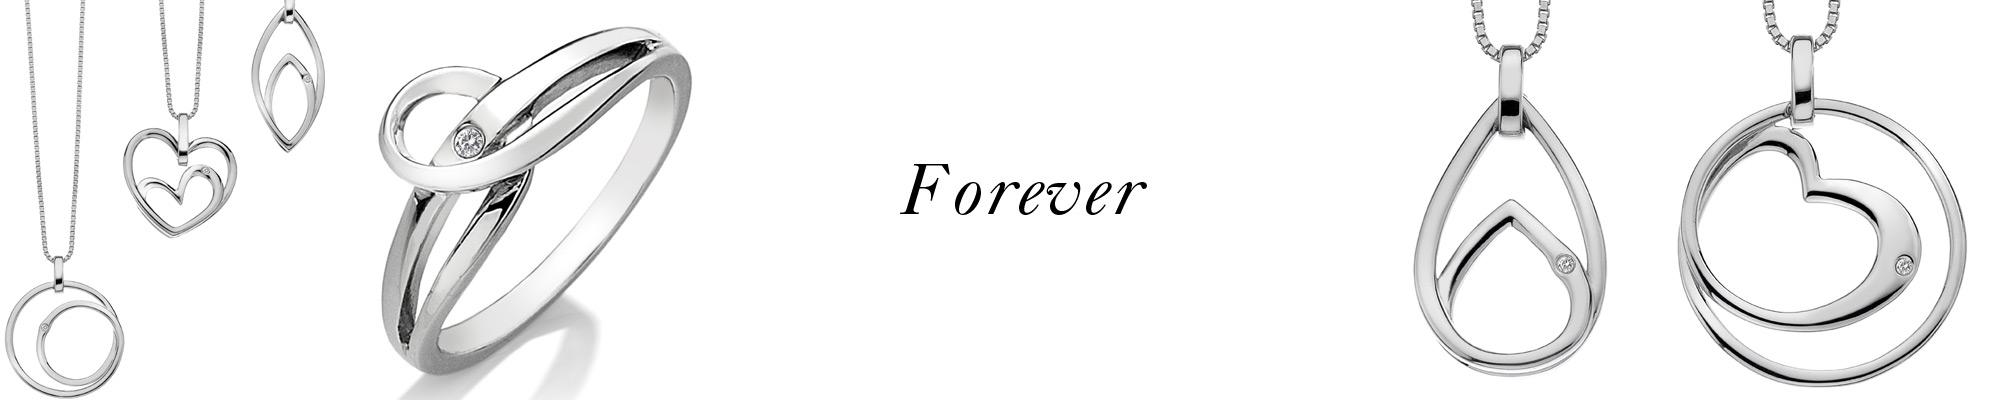 kolekce Forever